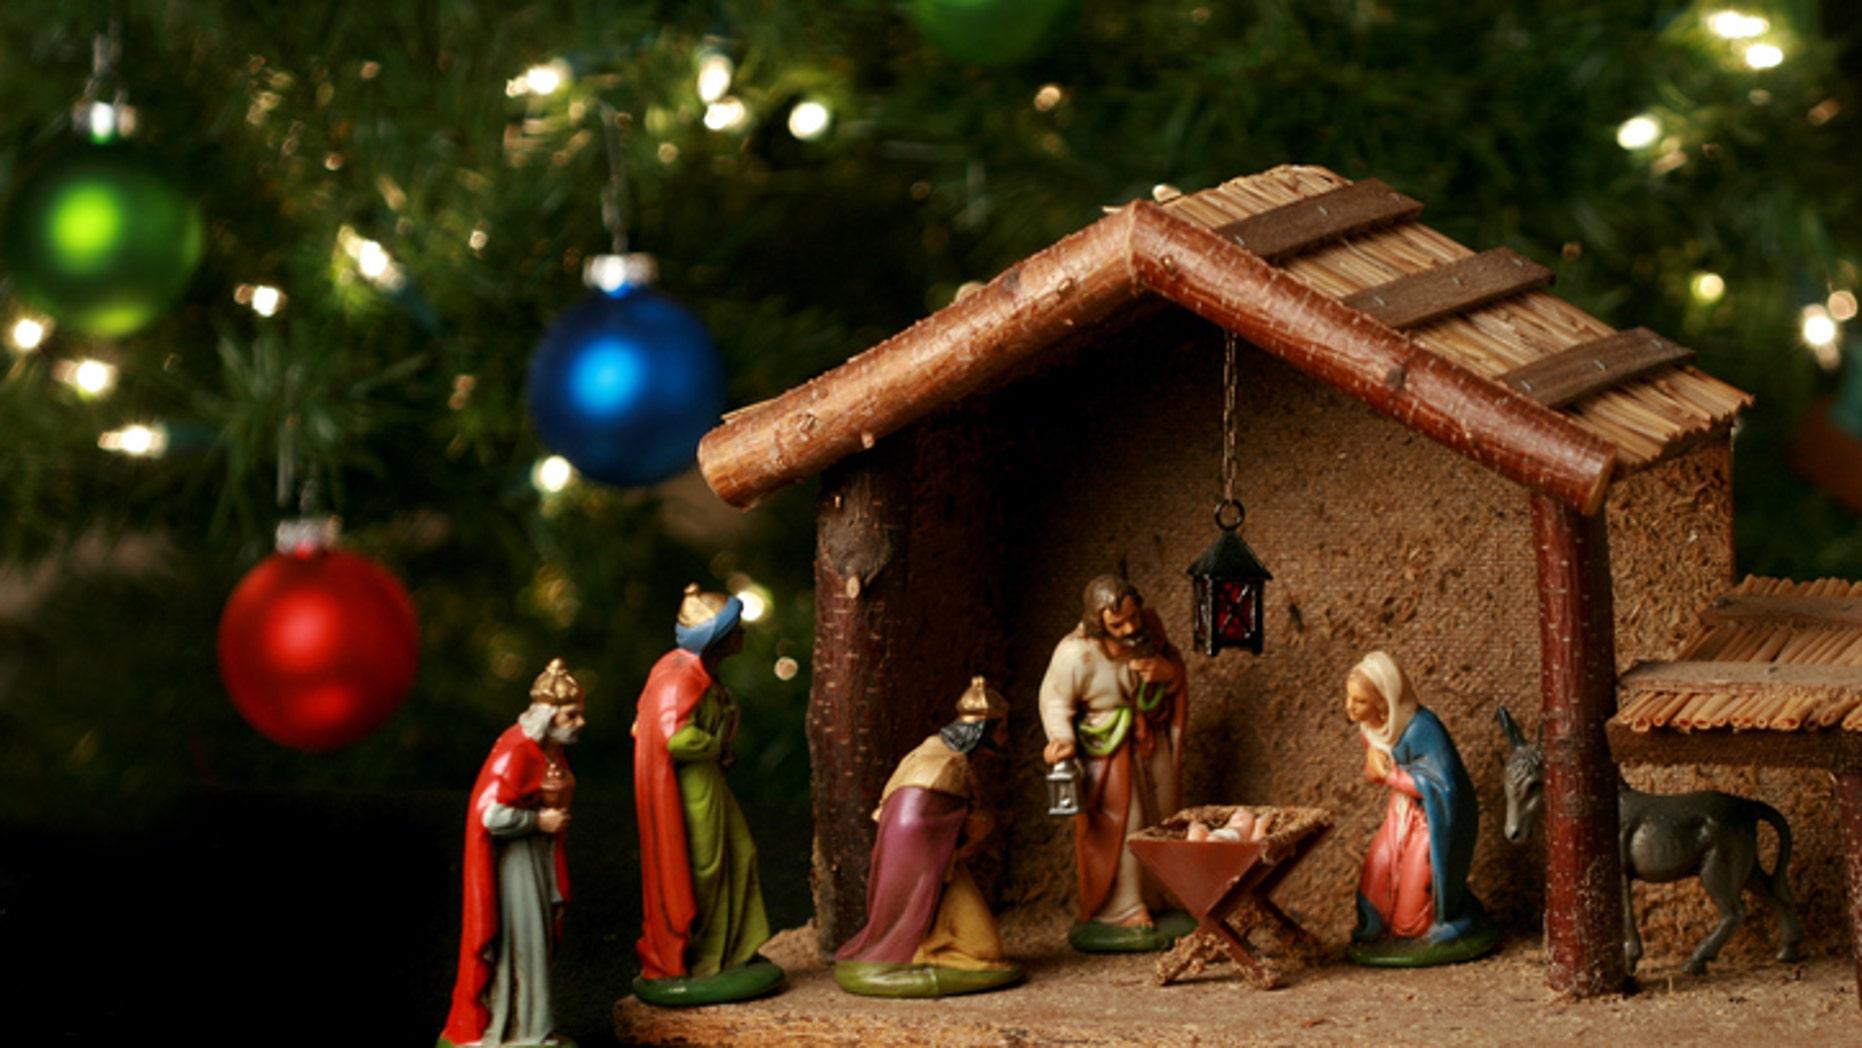 nativity-scene.jpg?ve=1&tl=1